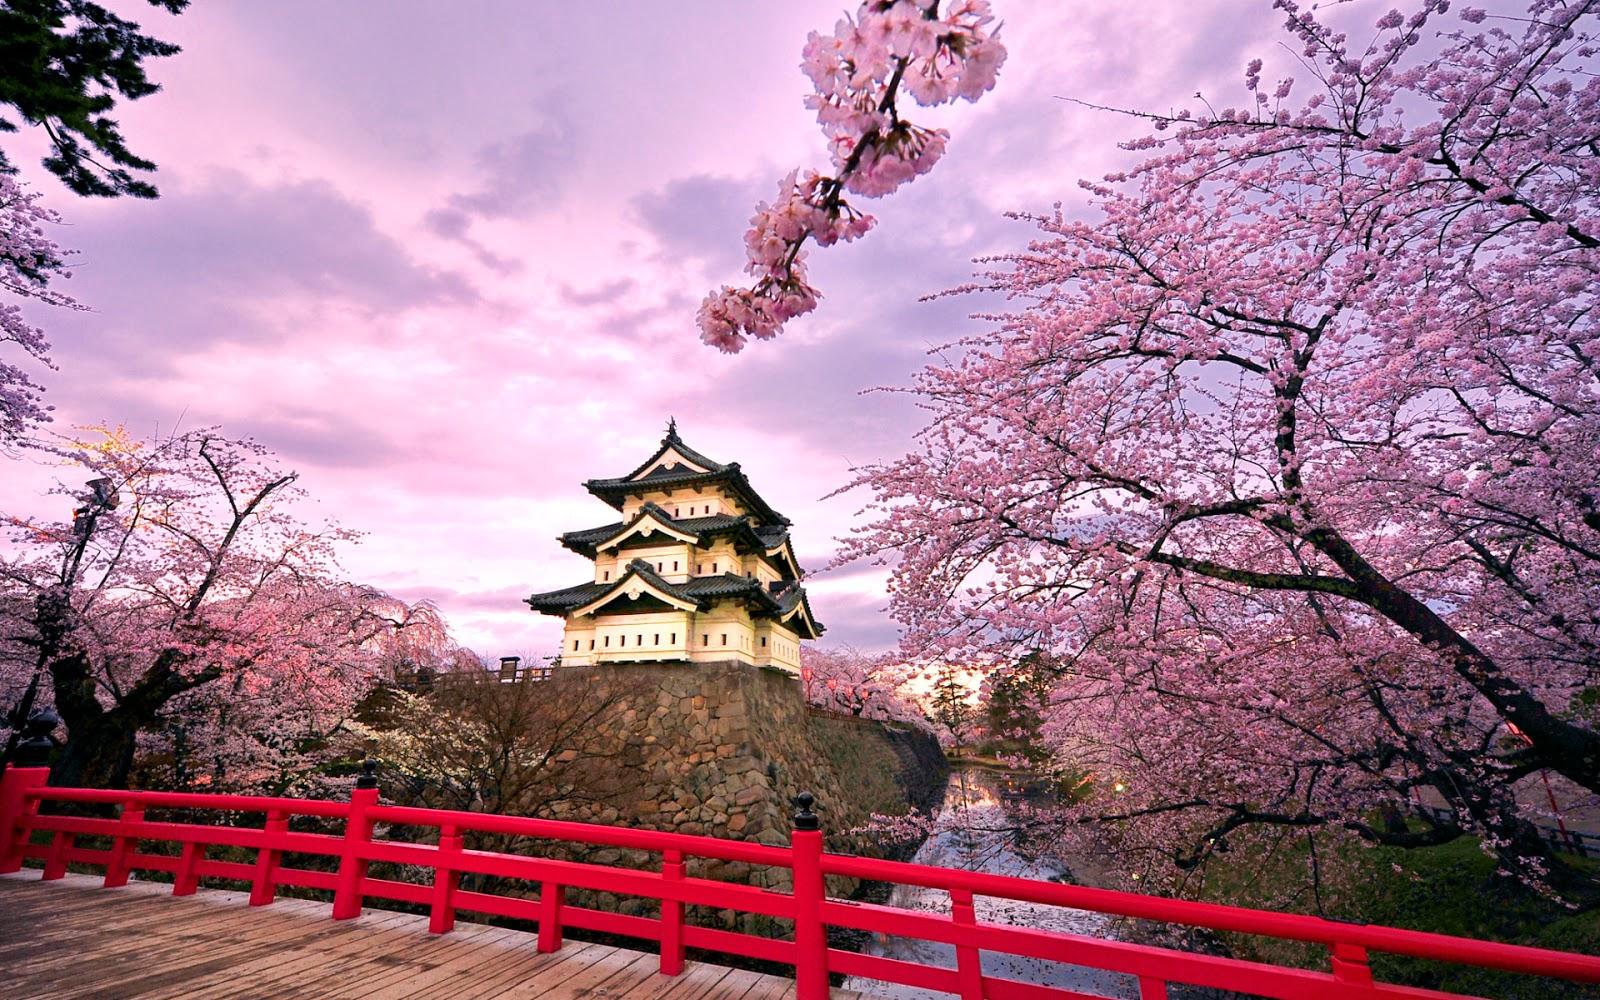 di jepang seperti tokyo lalu ada juga pemandangan alam gunung fuji dan masih banyak lagi yang membuat negara ini menempati peringkat ke 4